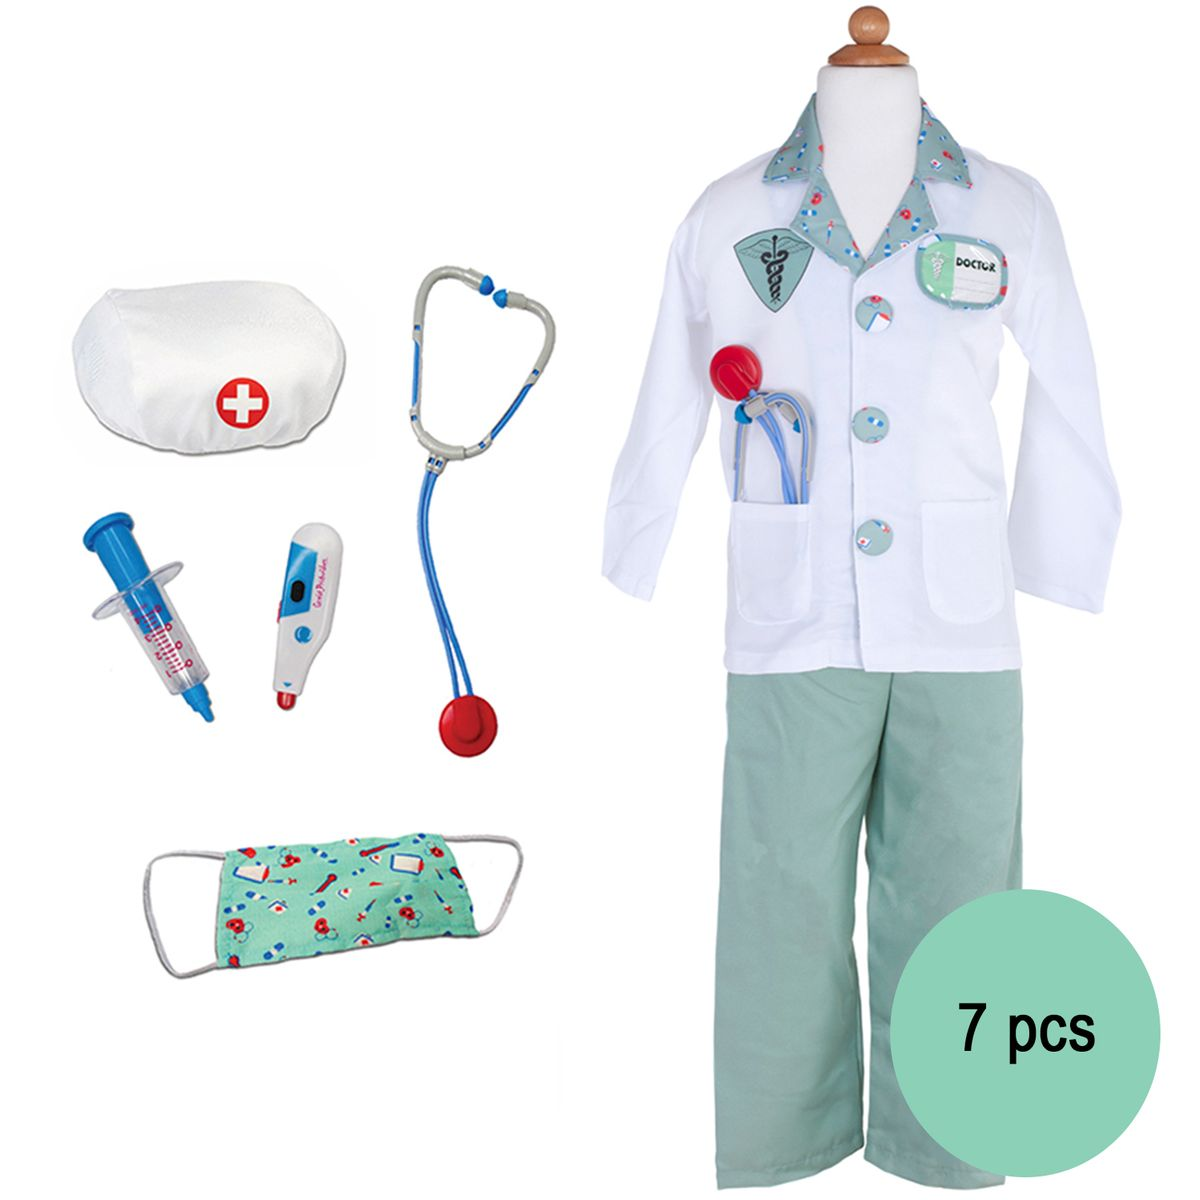 Arzt Kostüm für Kinder Doktor Sorgenfrei 5-6 Jahre 7 Teile inkl. Zubehör Ärztin Rollenspiel Fasching Karneval